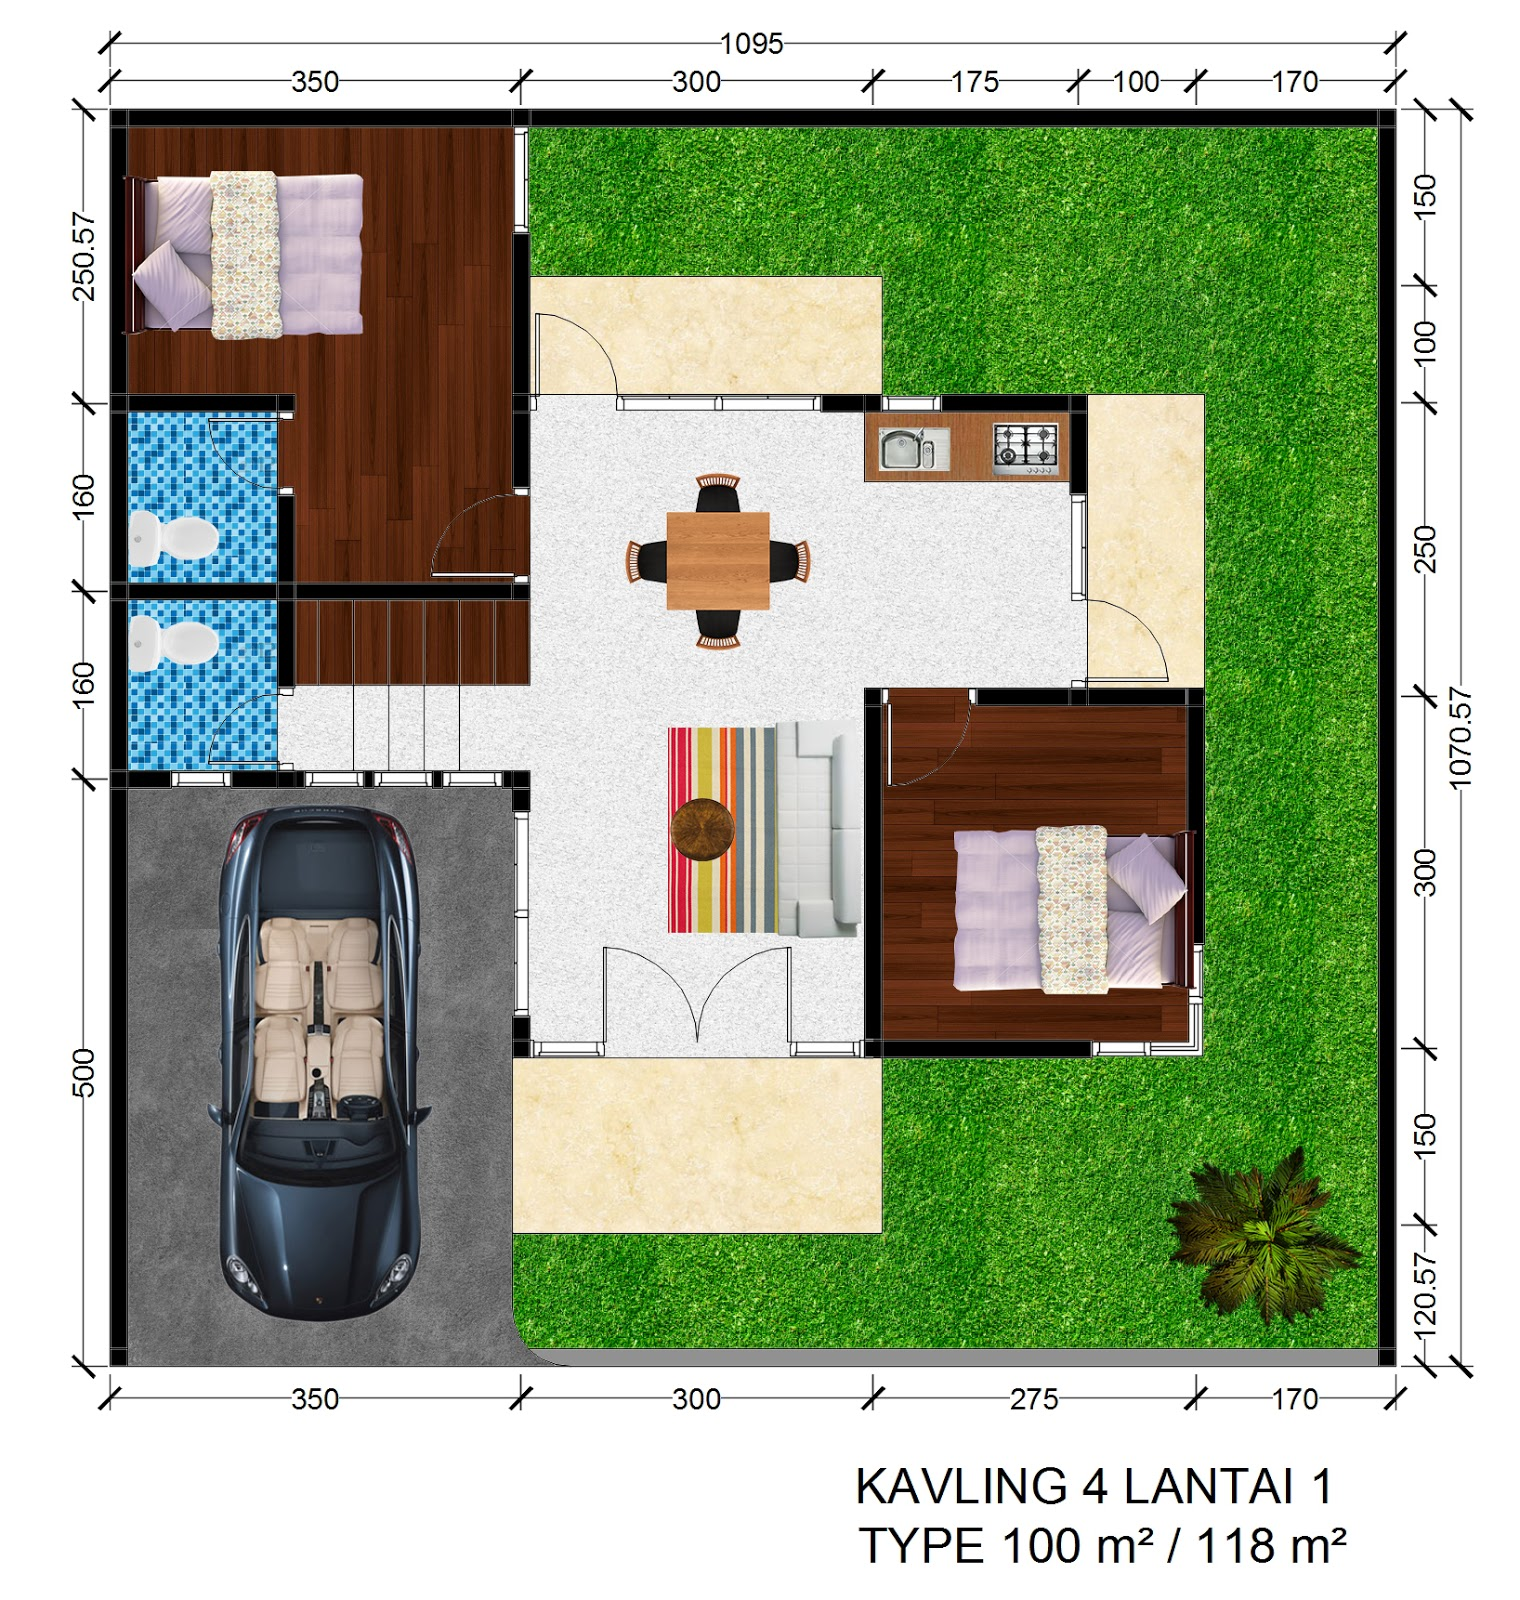 Rumah Mewah di Yogyakarta 2 Lantai Griya Bagus